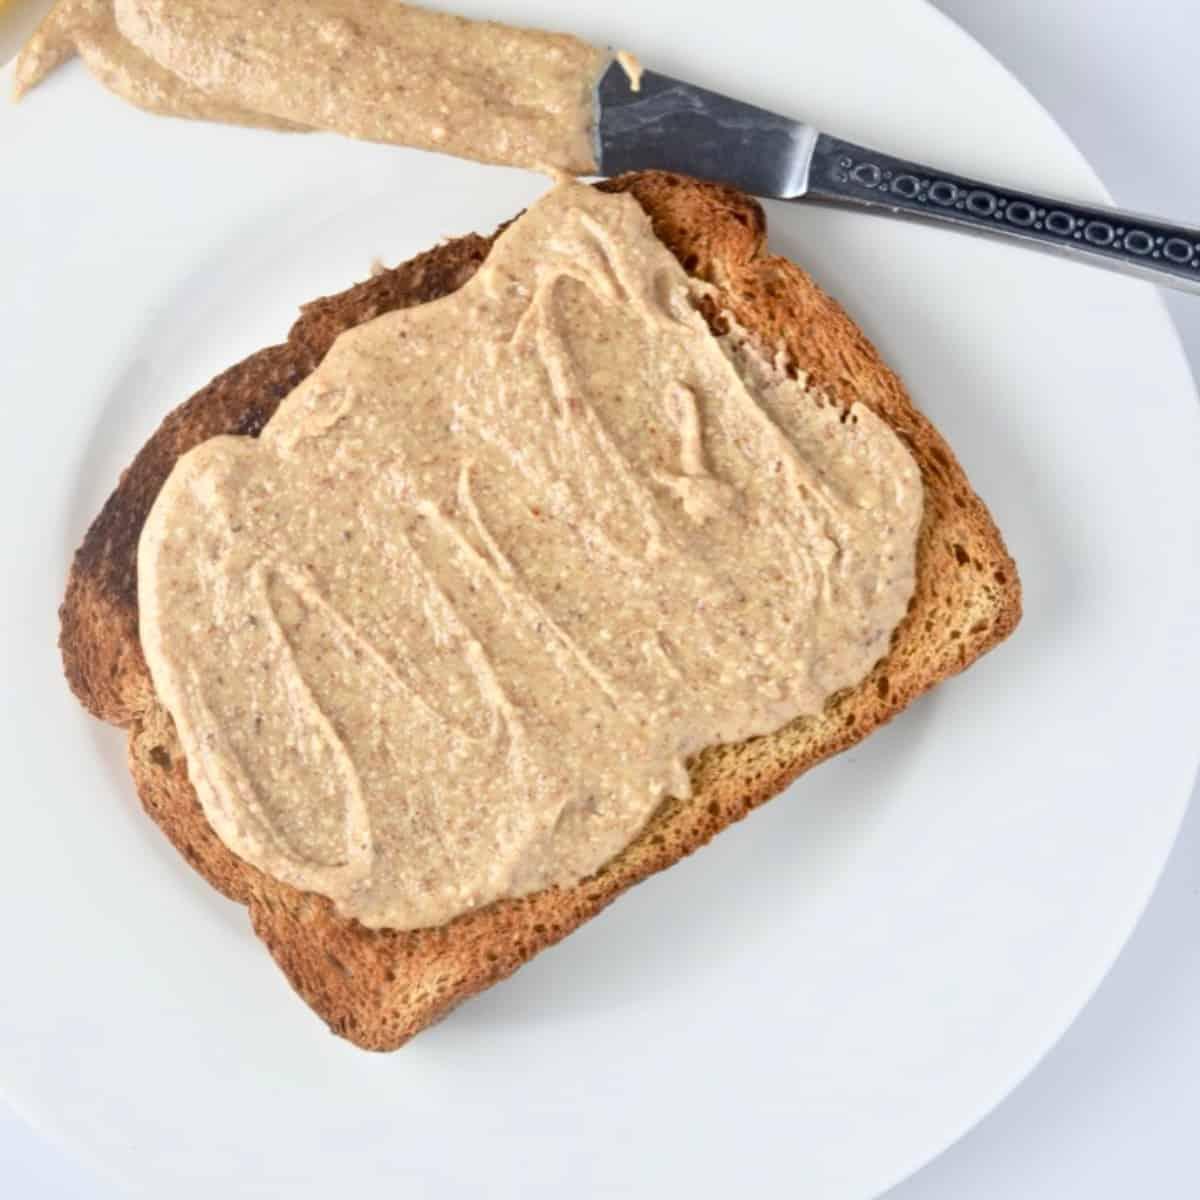 Almond butter on toast.